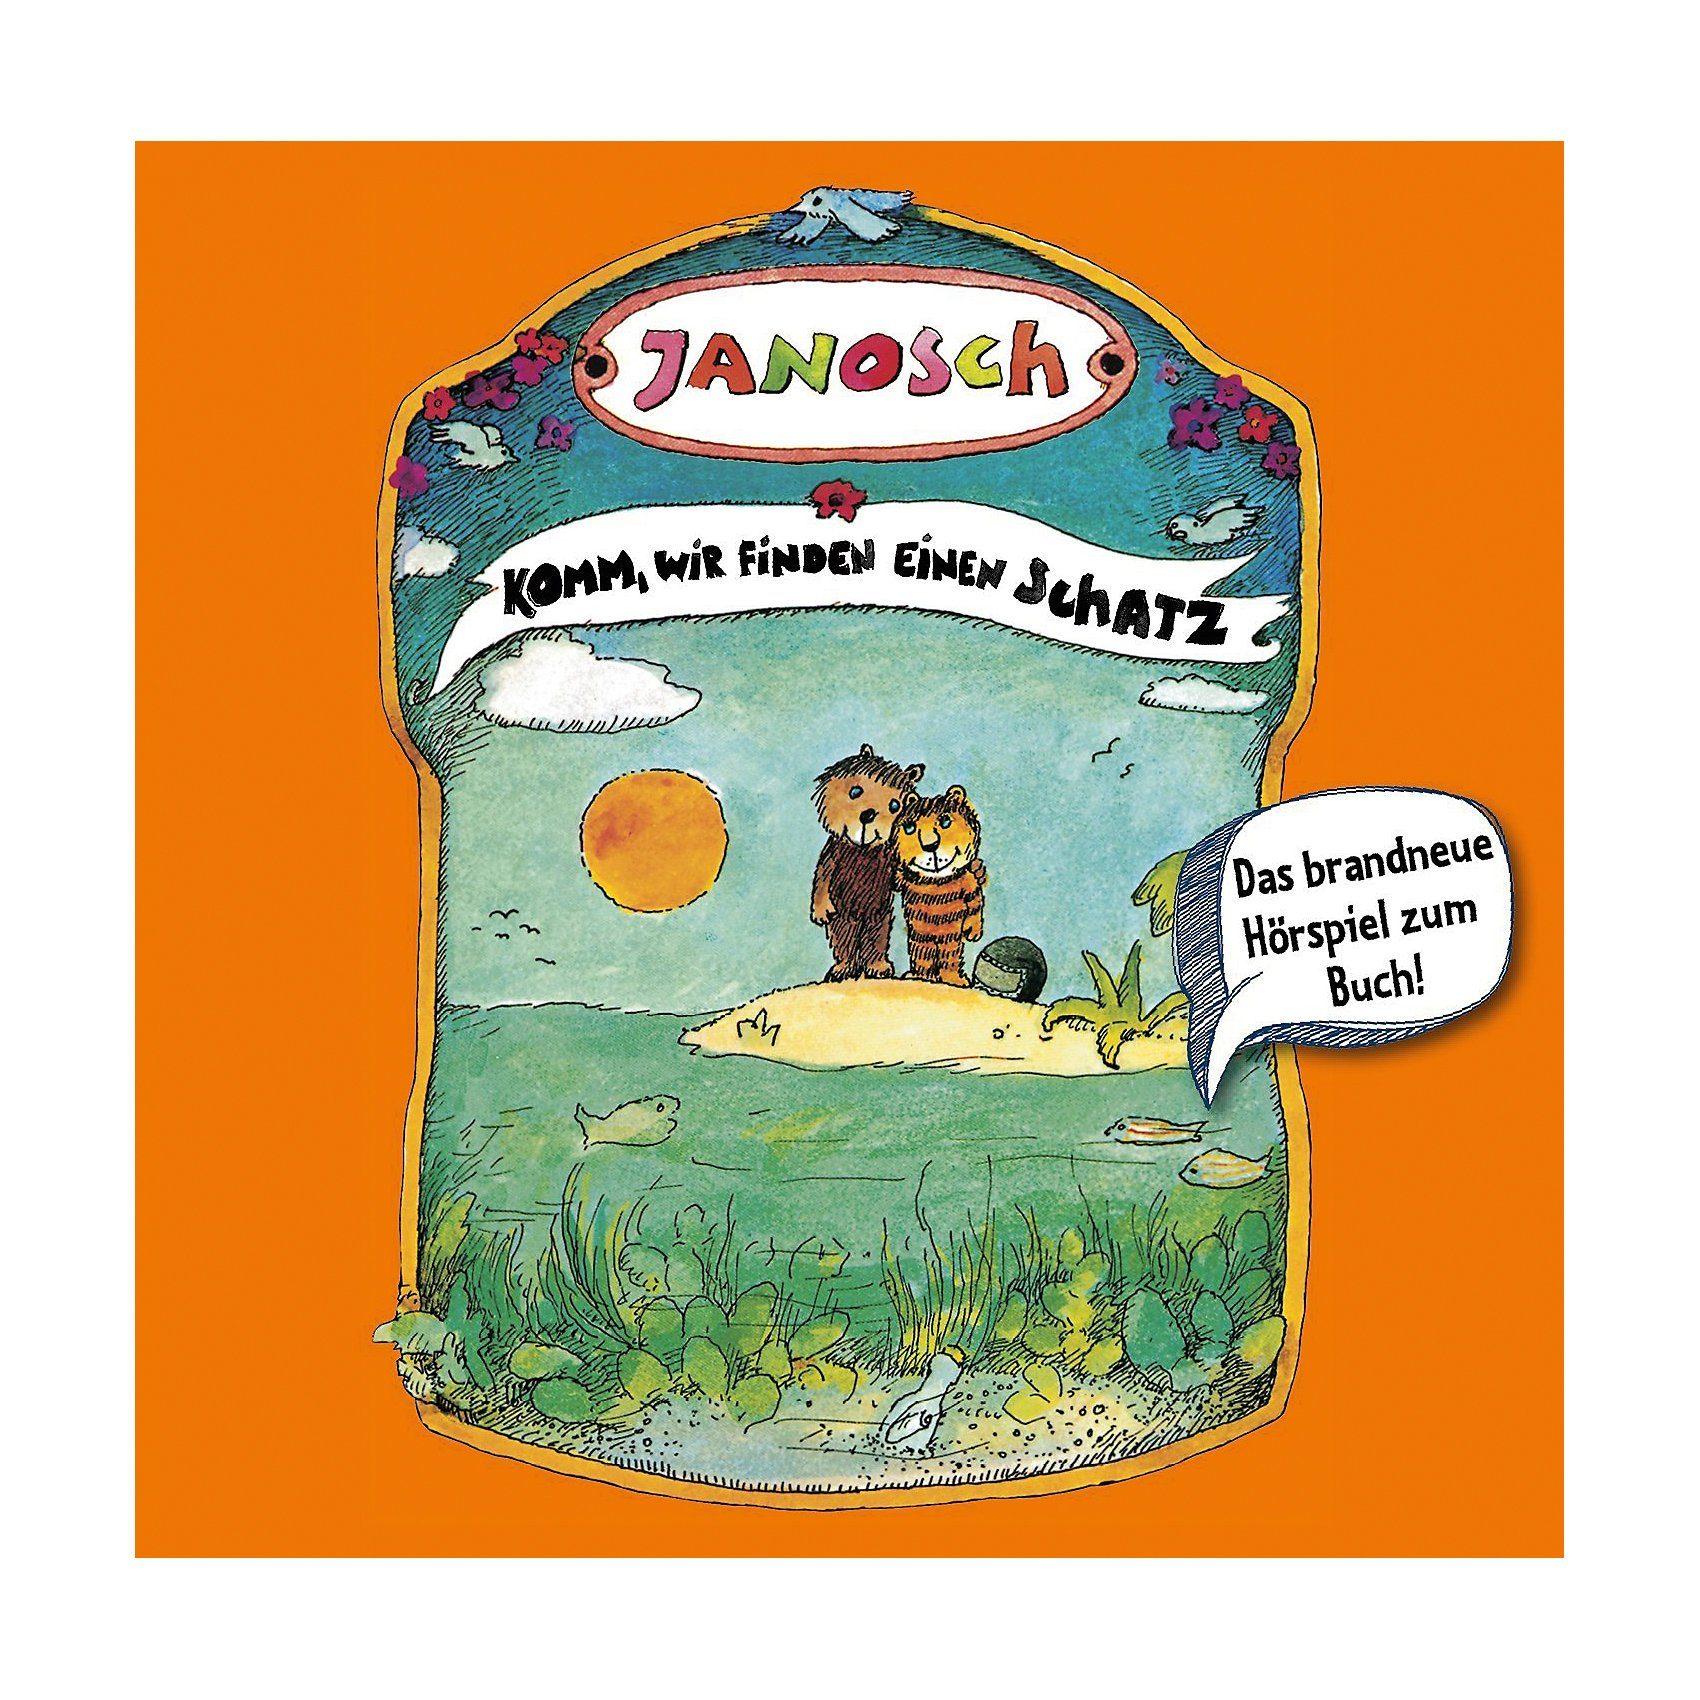 Edel CD Janosch - Komm wir finden einen Schatz